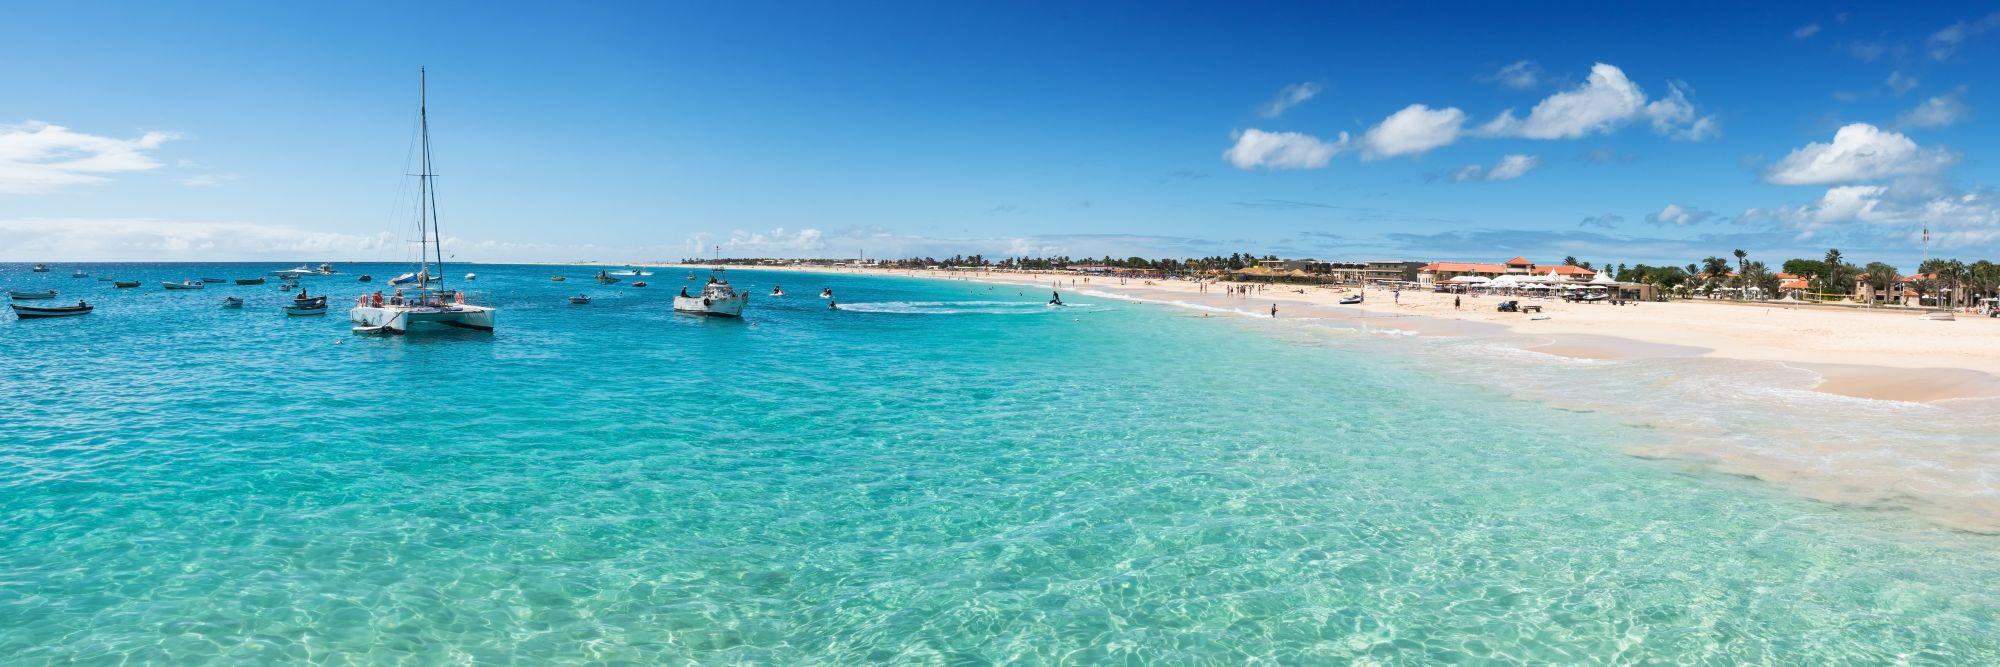 Sal widok plaży